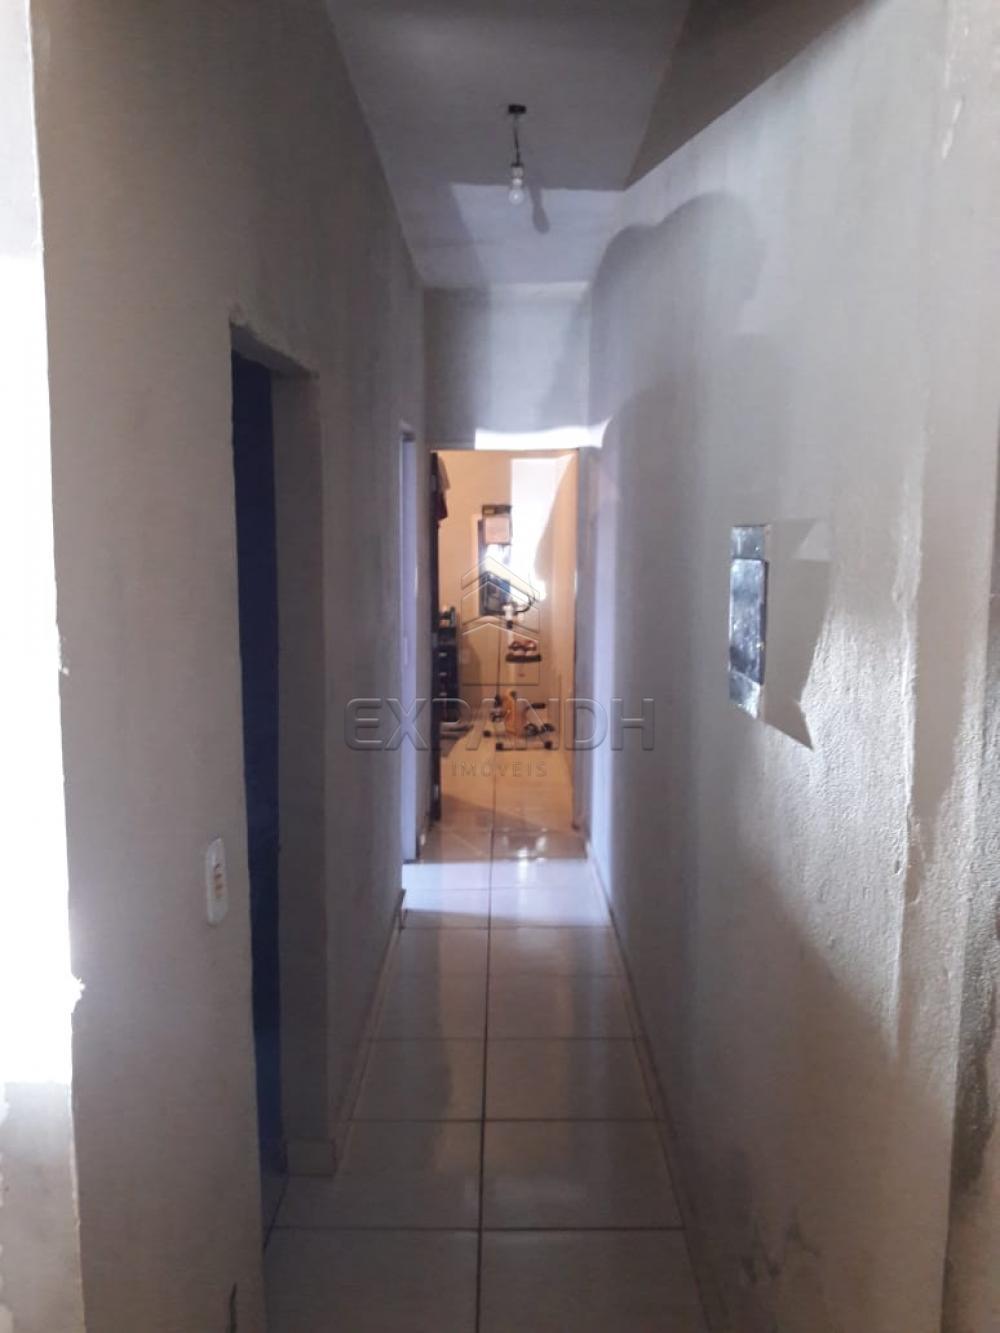 Comprar Casas / Padrão em Sertãozinho R$ 150.000,00 - Foto 7